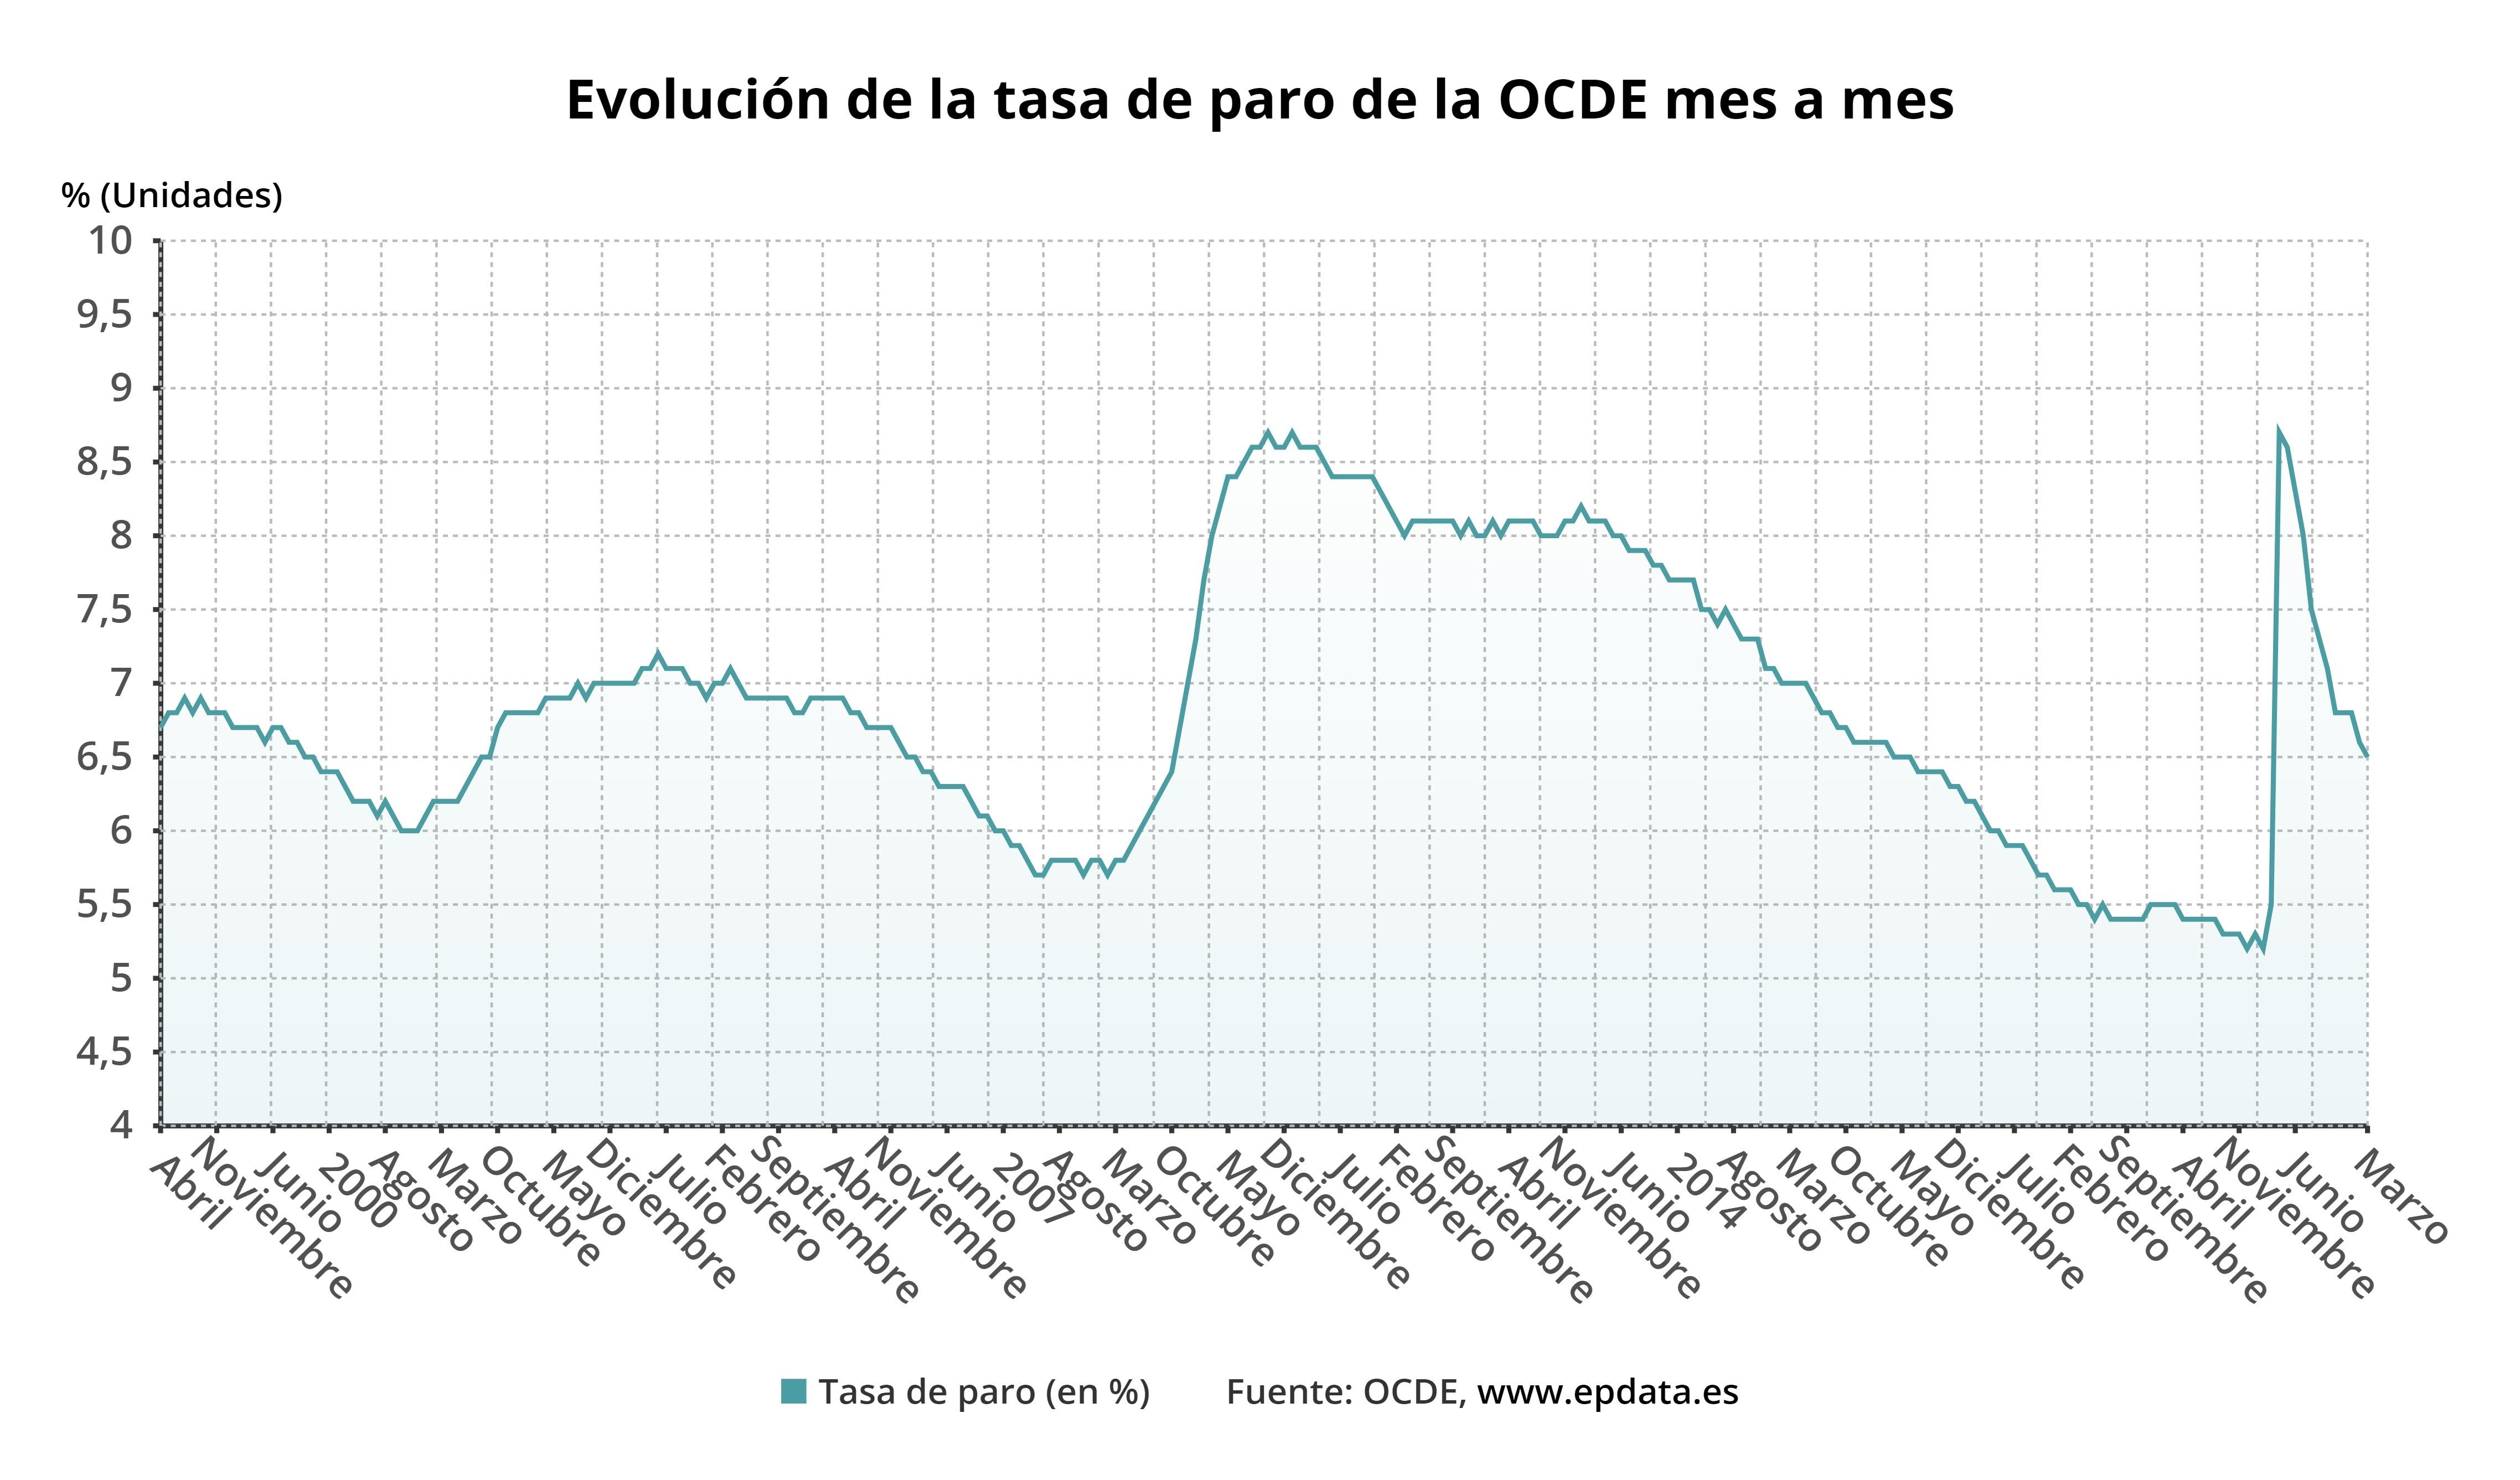 Evolución de la tasa de paro de la OCDE mes a mes